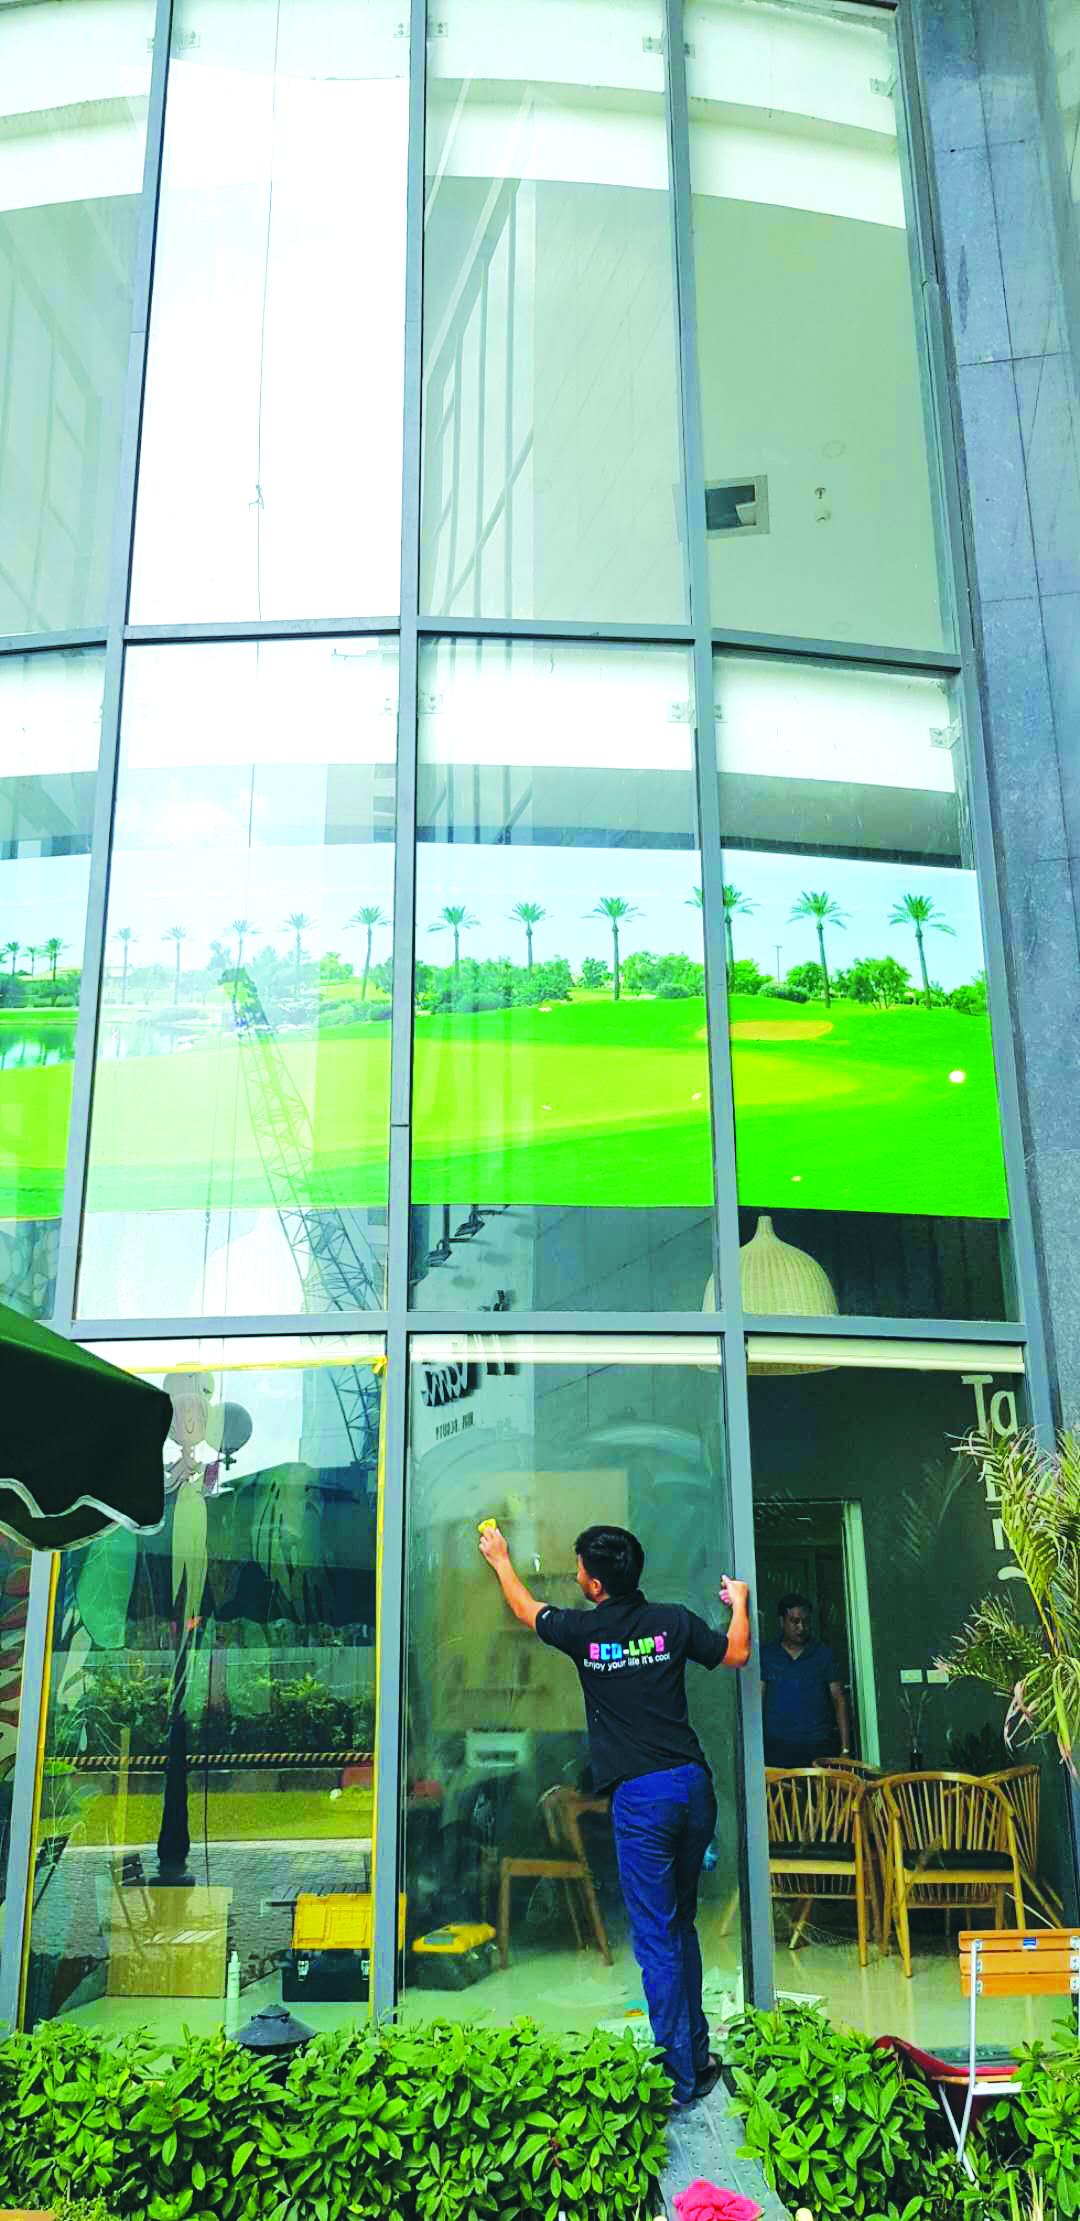 Sơn Eco-life ứng dụng với kính xây dựng giúp chống nóng và ngăn tia tử ngoại cho hầu hết các công trình